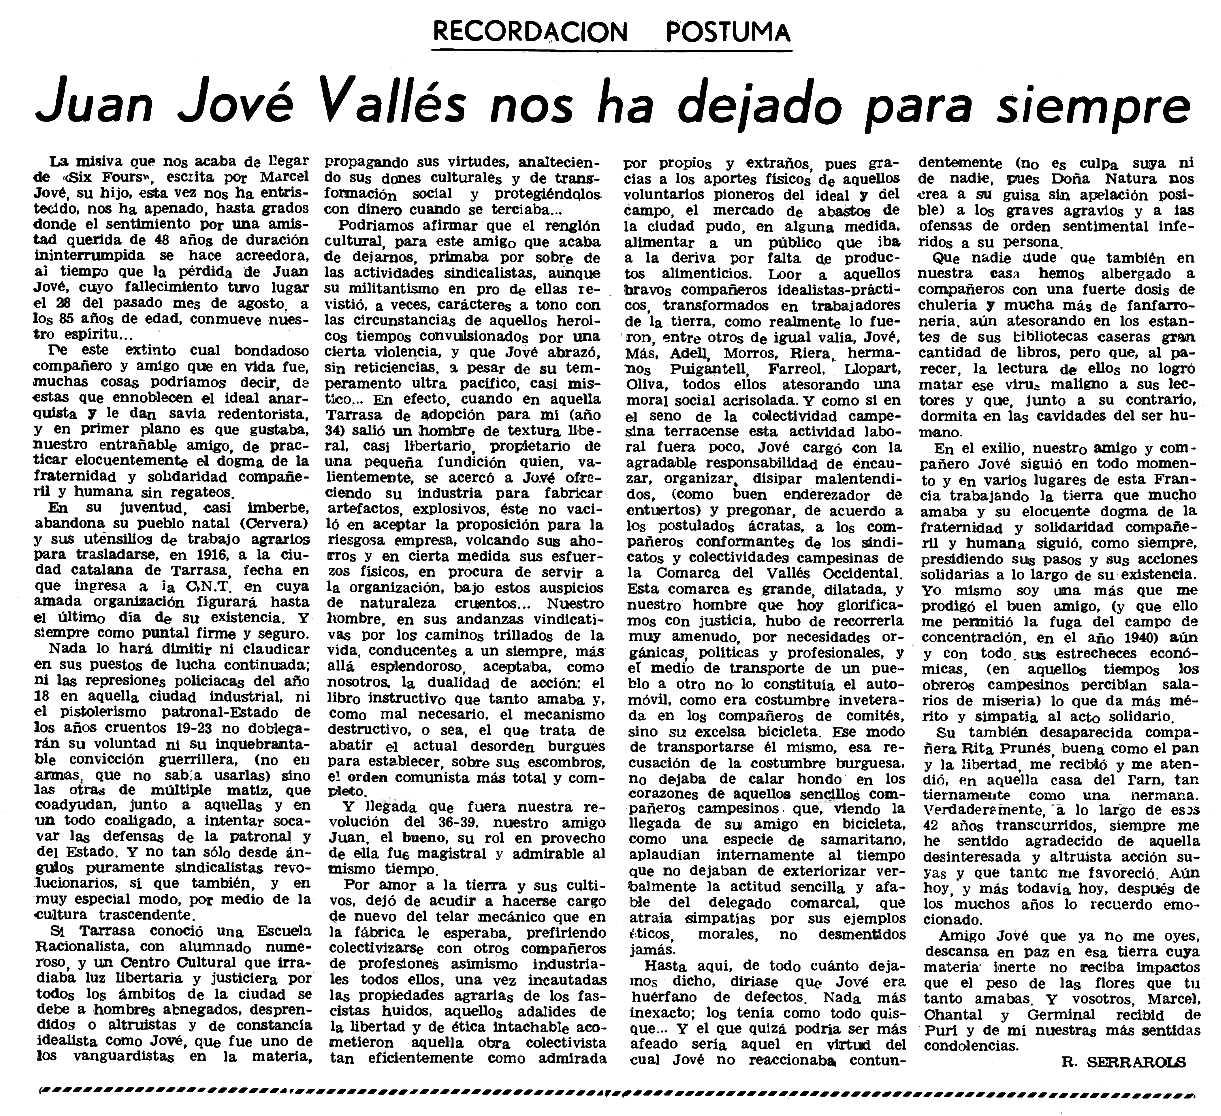 """Necrològica de Joan Jové Vallès apareguda en el periòdic parisenc """"Le Combat Syndicaliste"""" del 23 de setembre de 1982"""